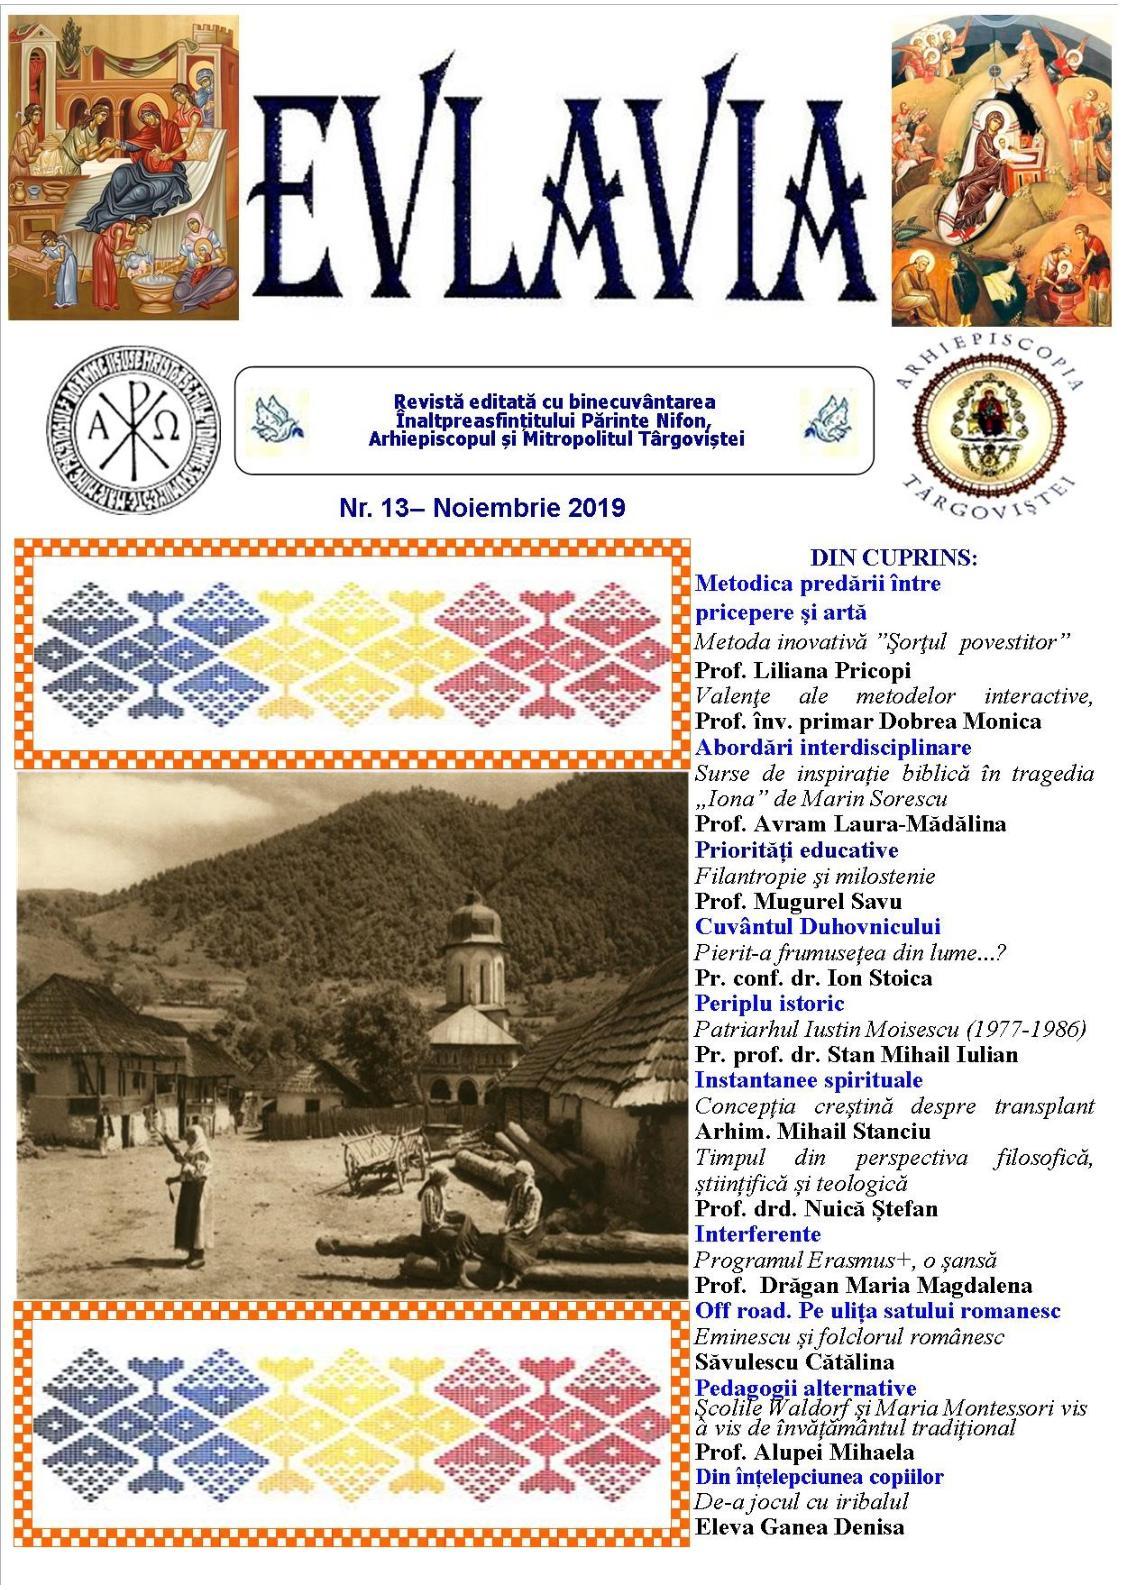 Revista Evlavia Nr 13